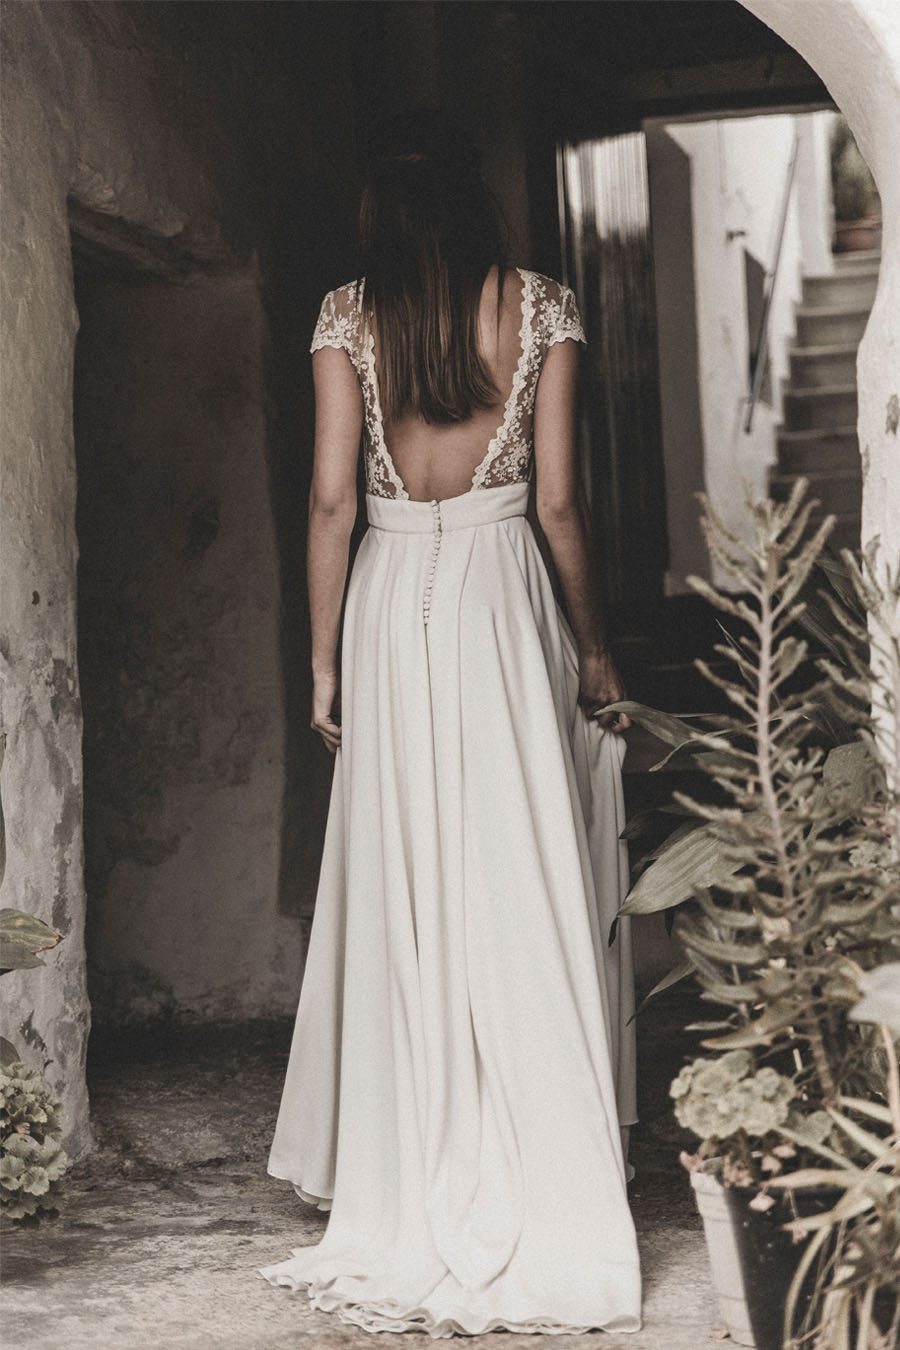 calista-one-lista-de-bodas-online-blog-de-bodas-inspiracion-novias-claudia-1